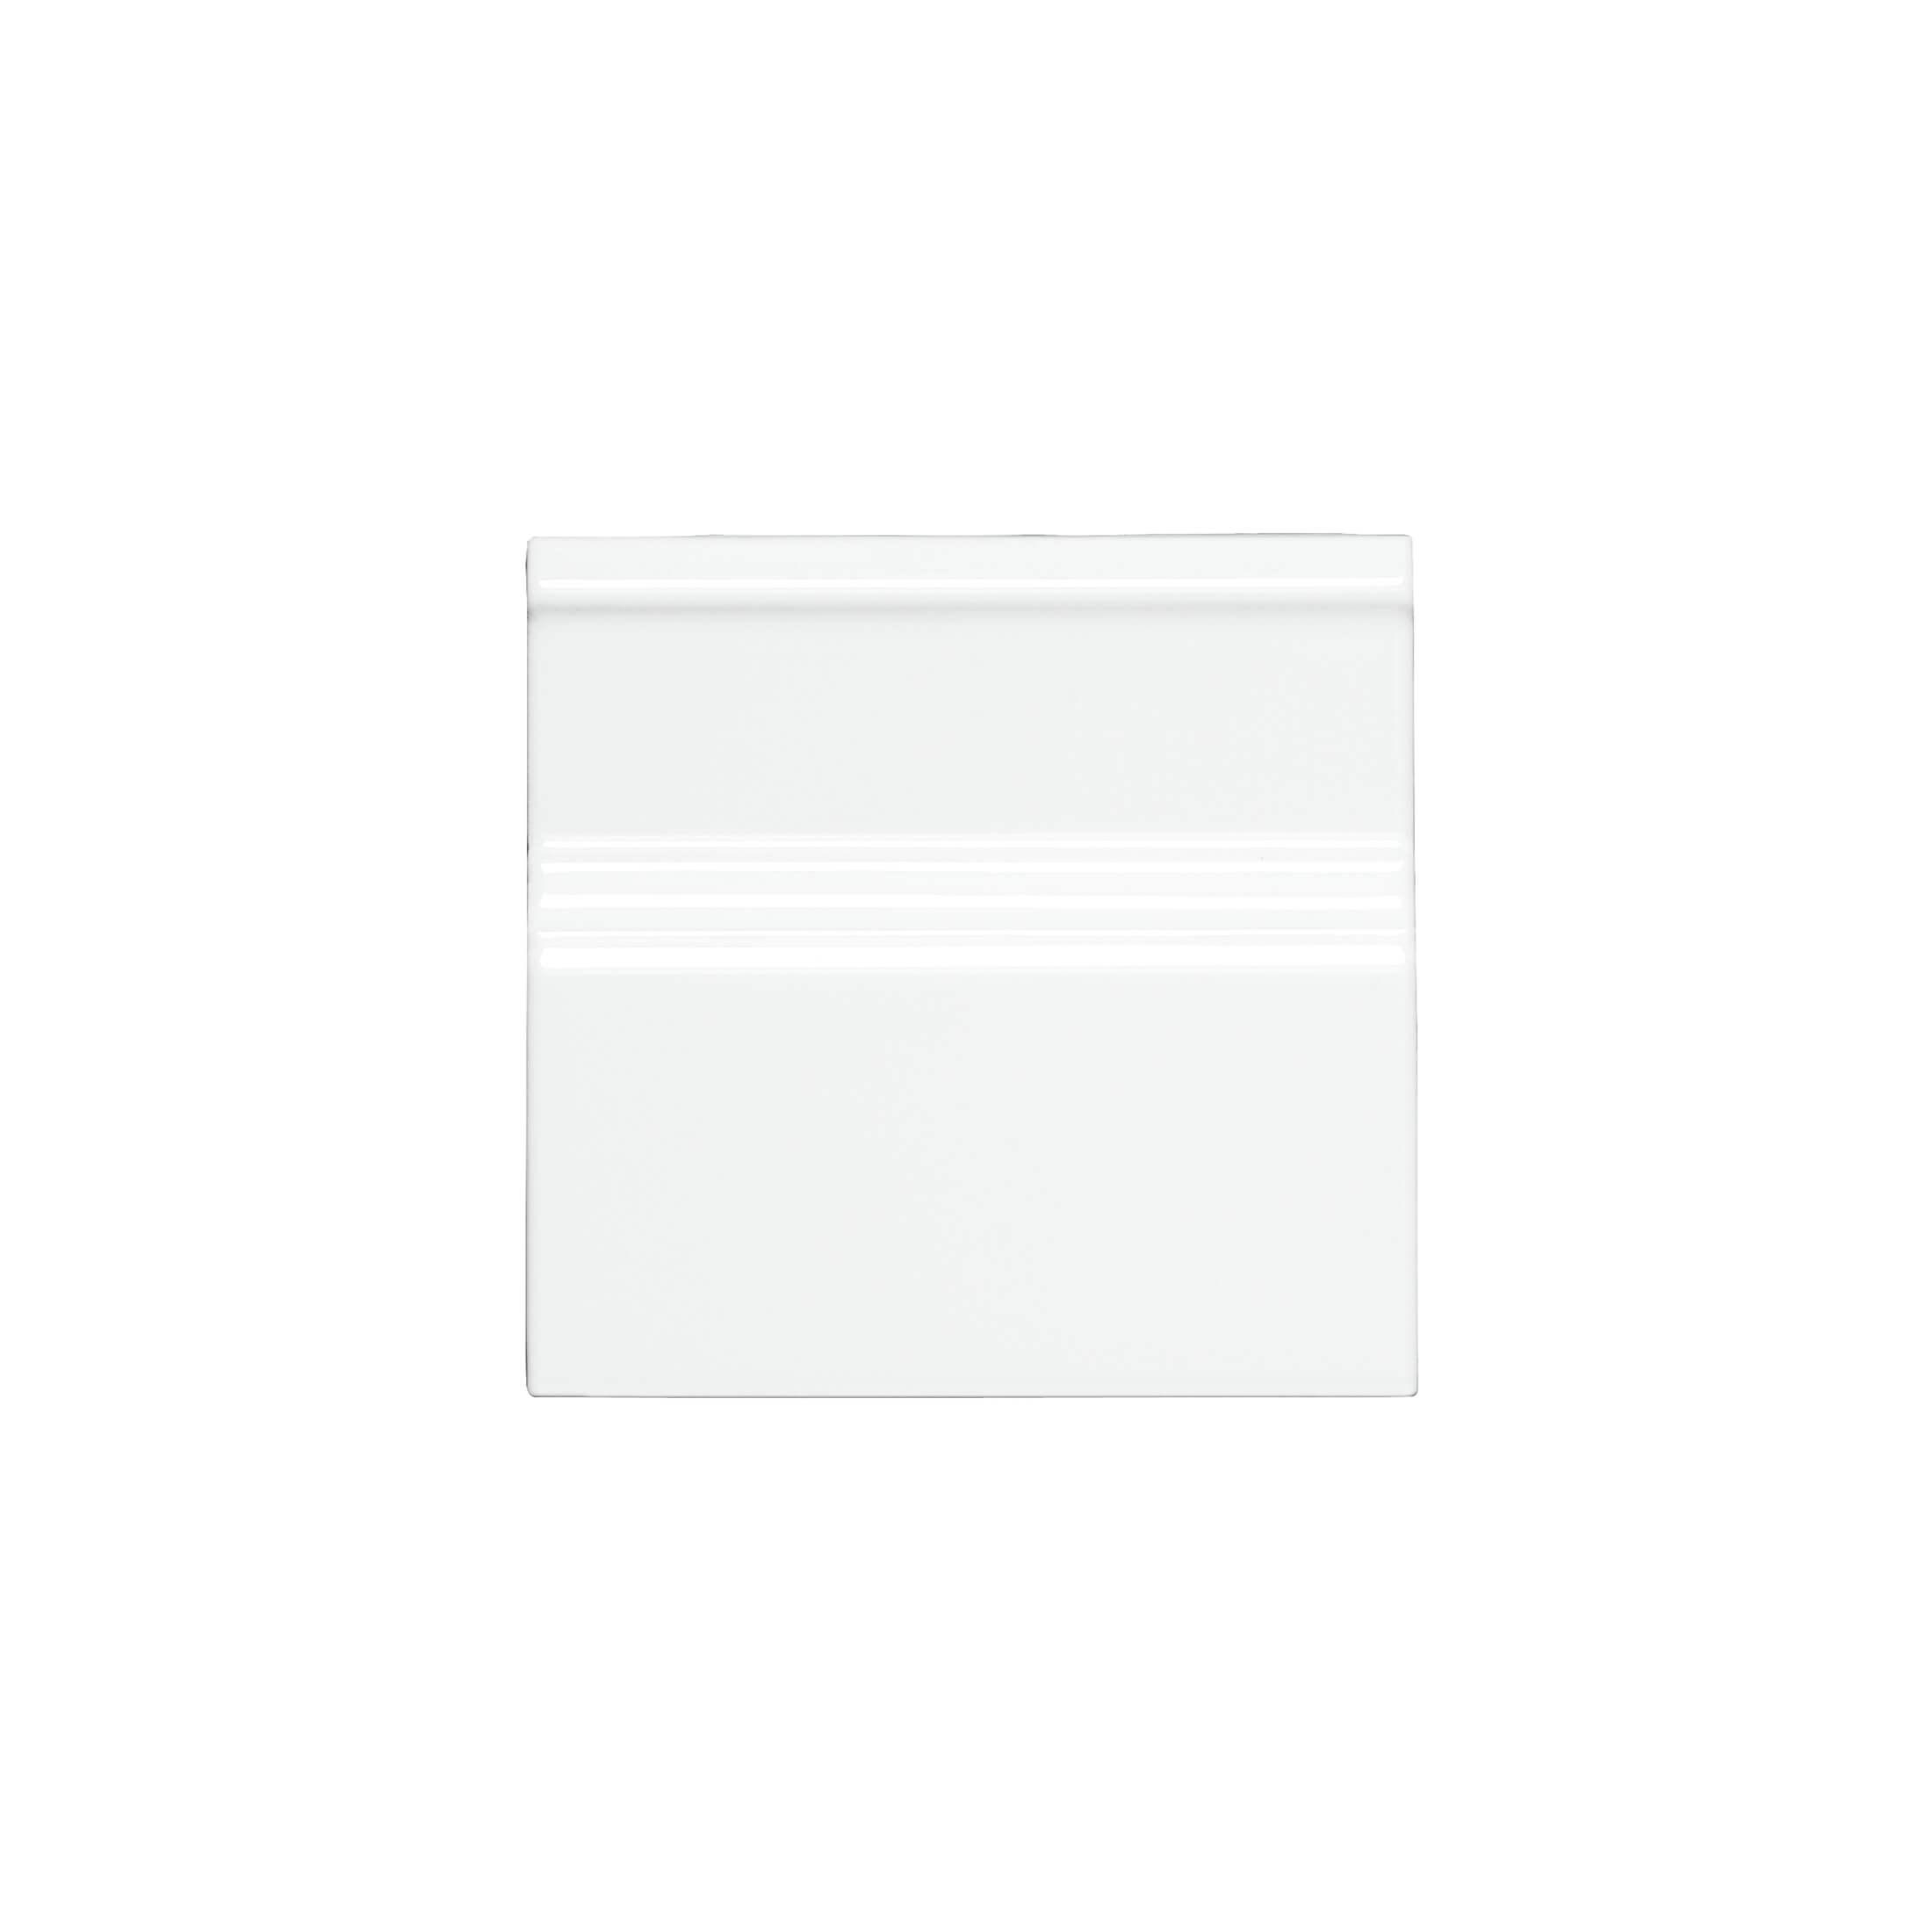 ADNE5319 - RODAPIE CLASICO - 15 cm X 15 cm